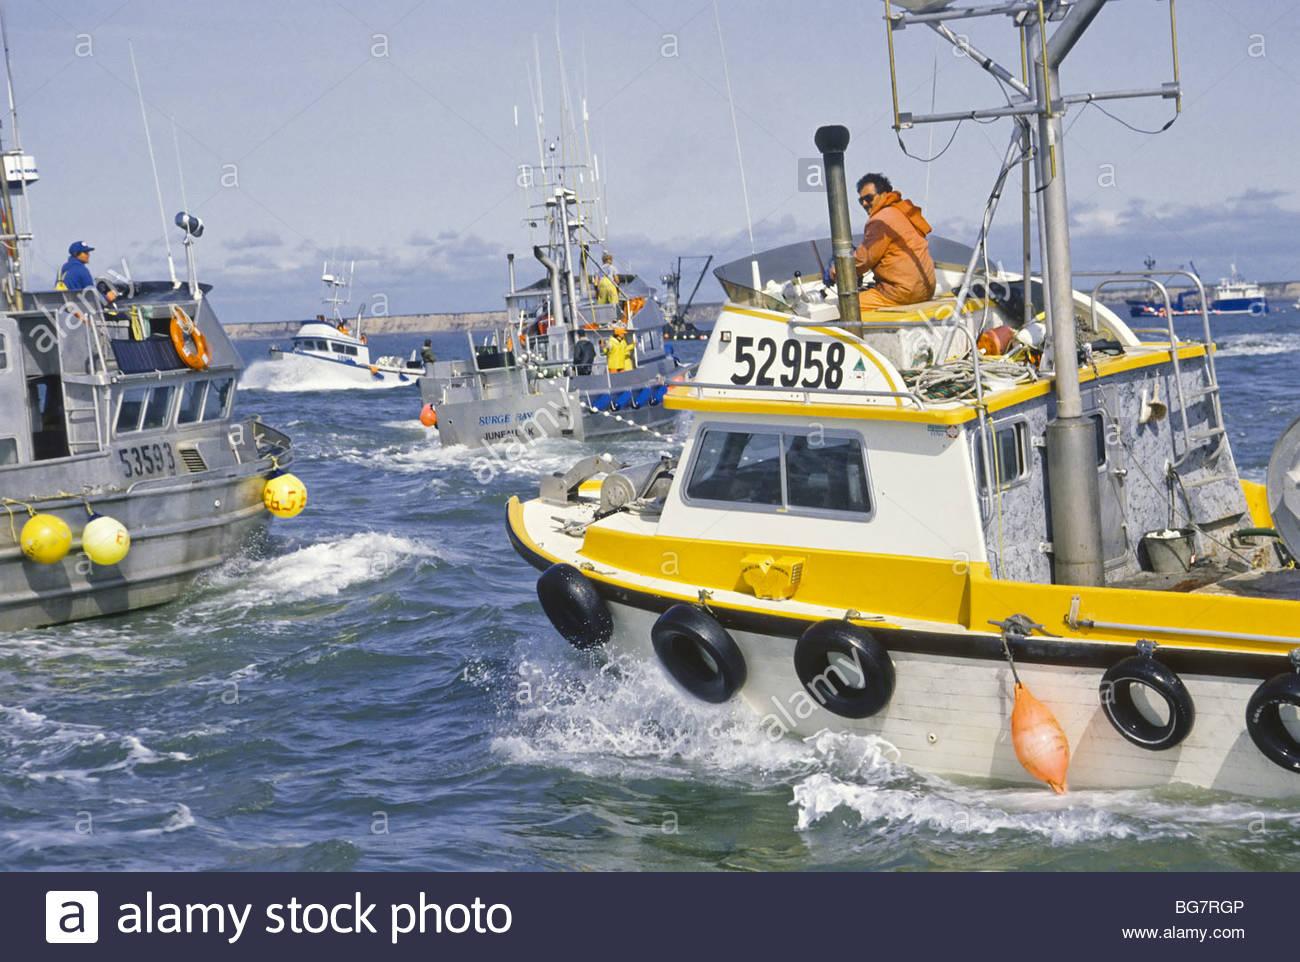 alaska-bristol-bay-commercial-fishing-drift-gillnetting-along-the-BG7RGP.jpg